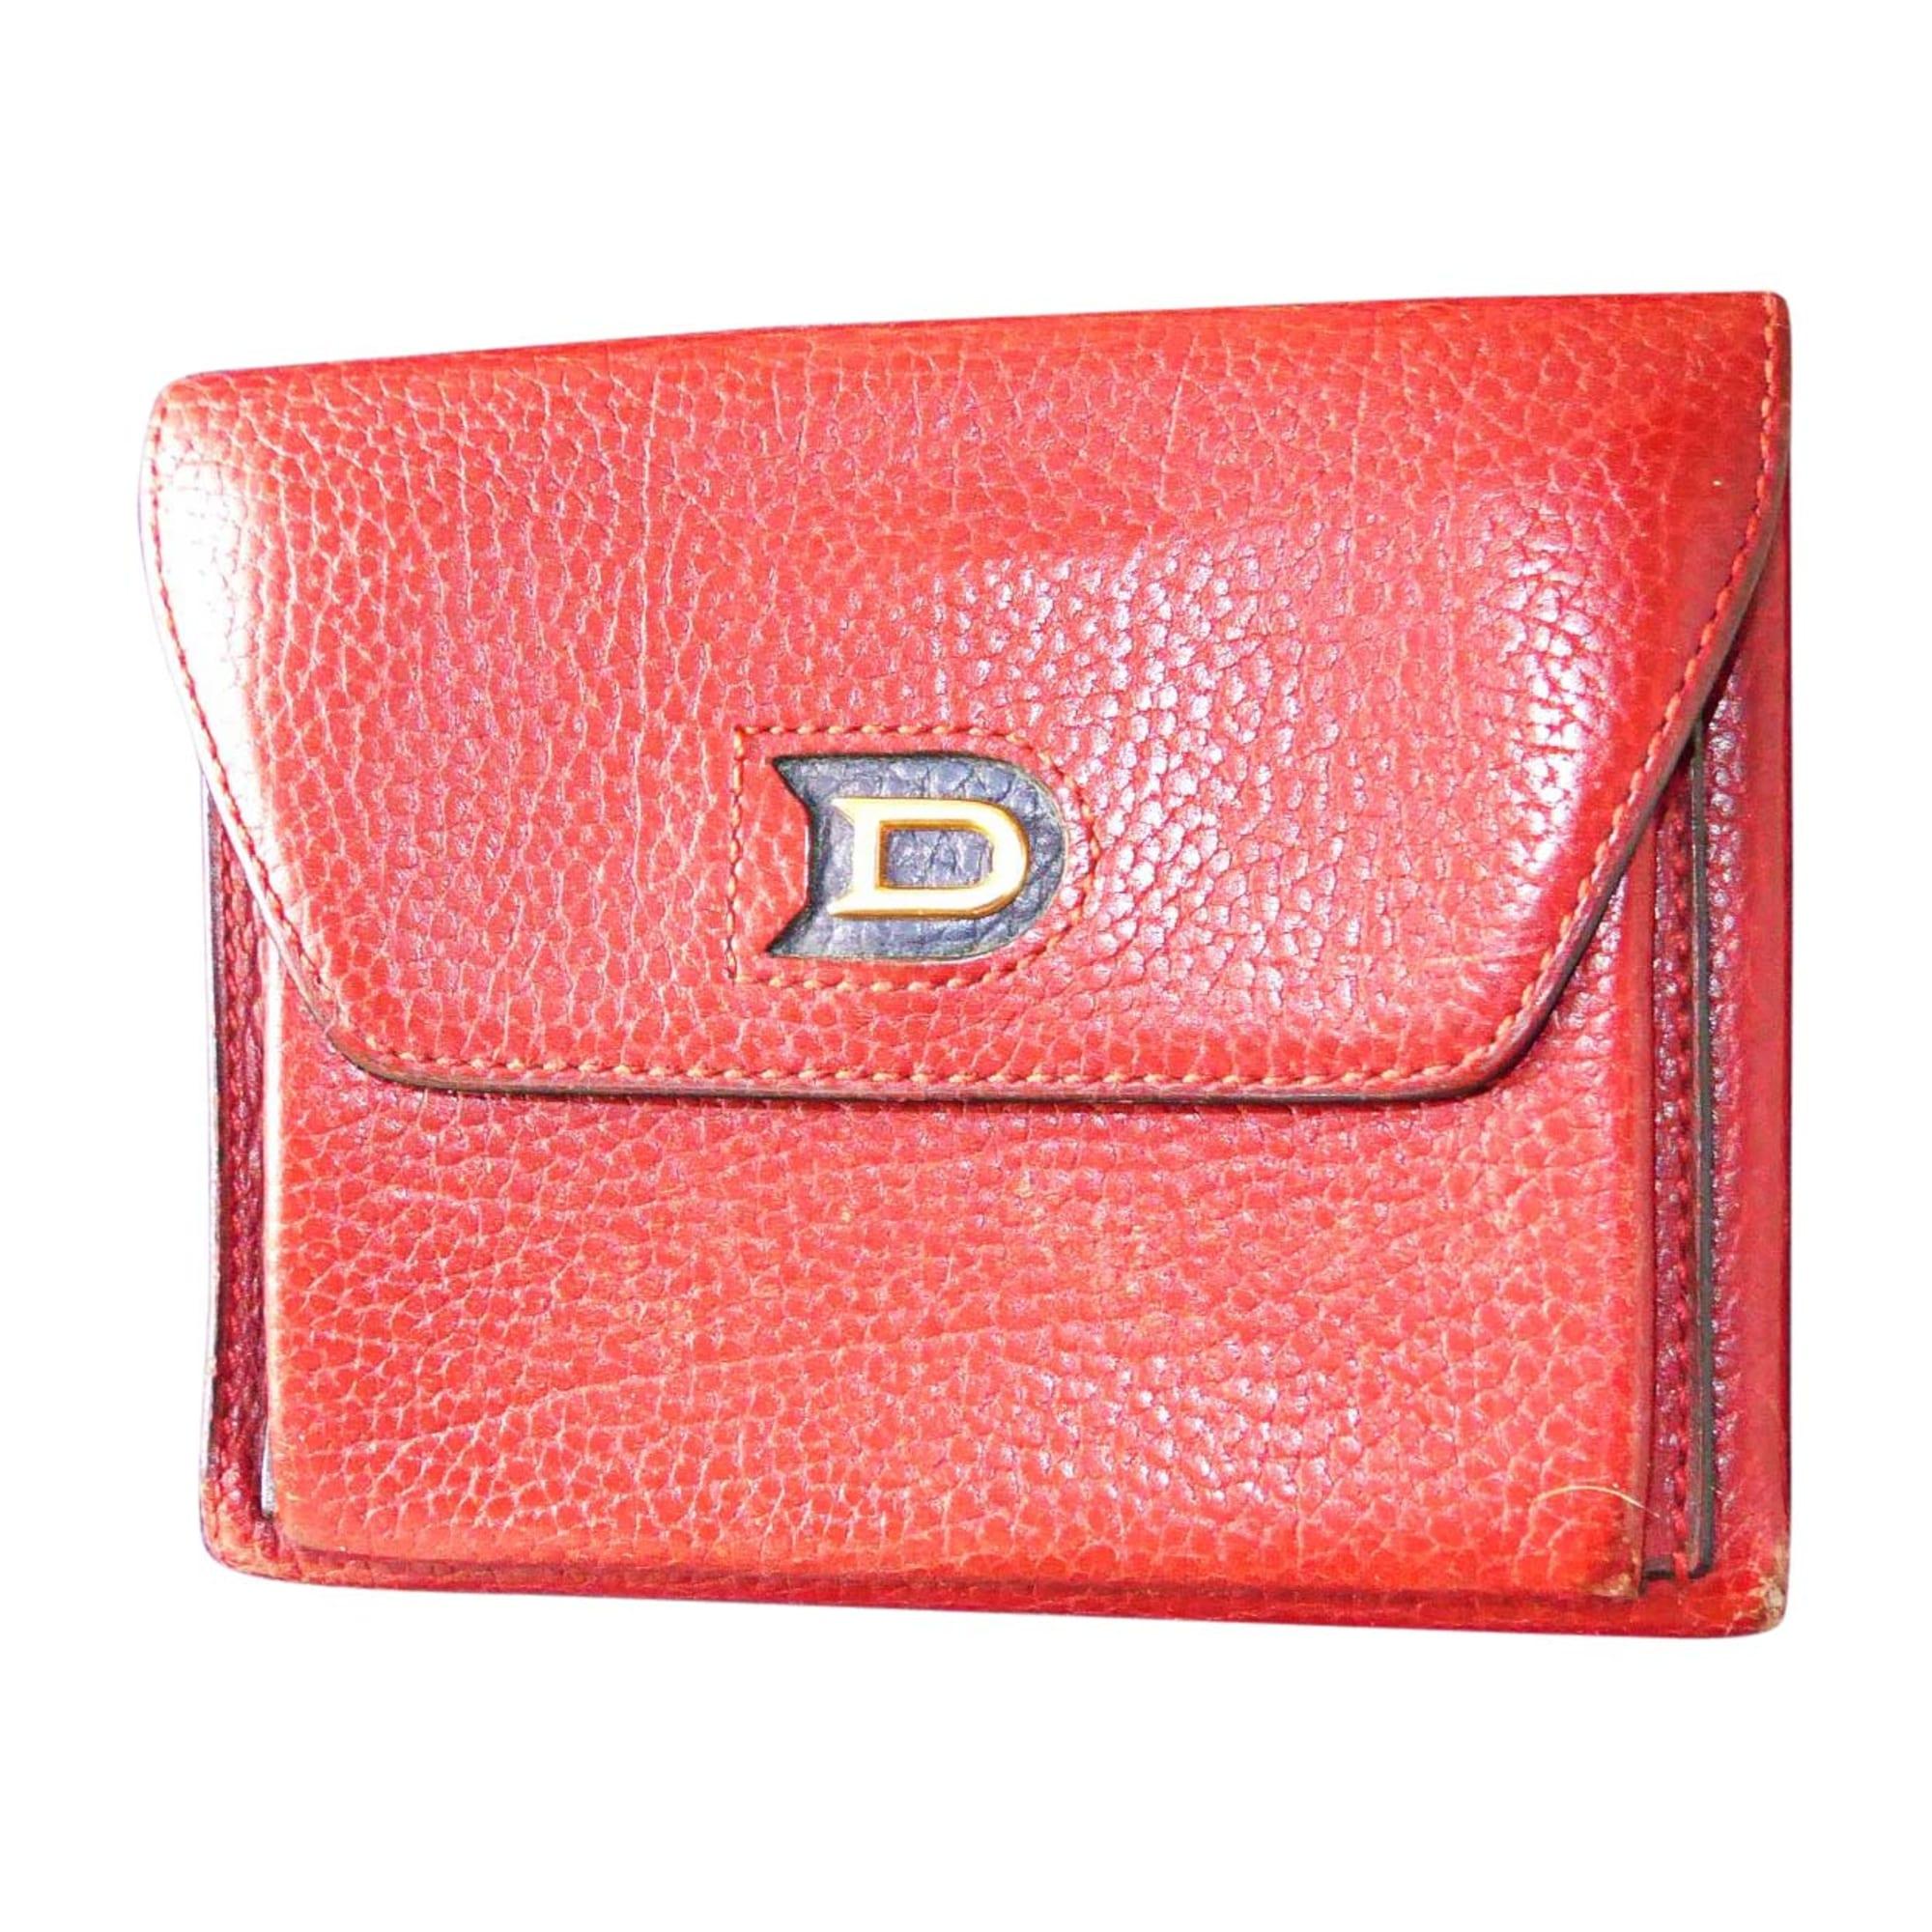 021d40ecdd00 Portefeuille DELVAUX rouge - 7840431